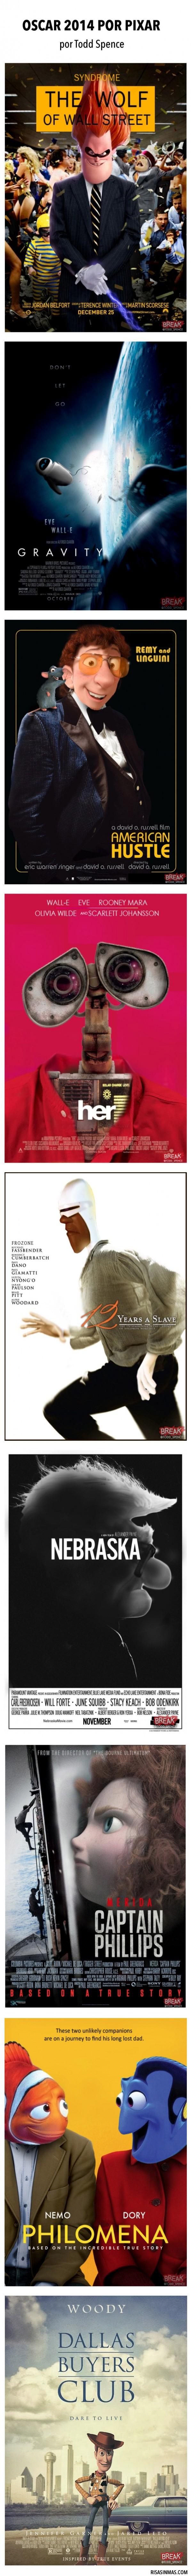 Carteles de películas de Oscar 2014 con personajes de Pixar